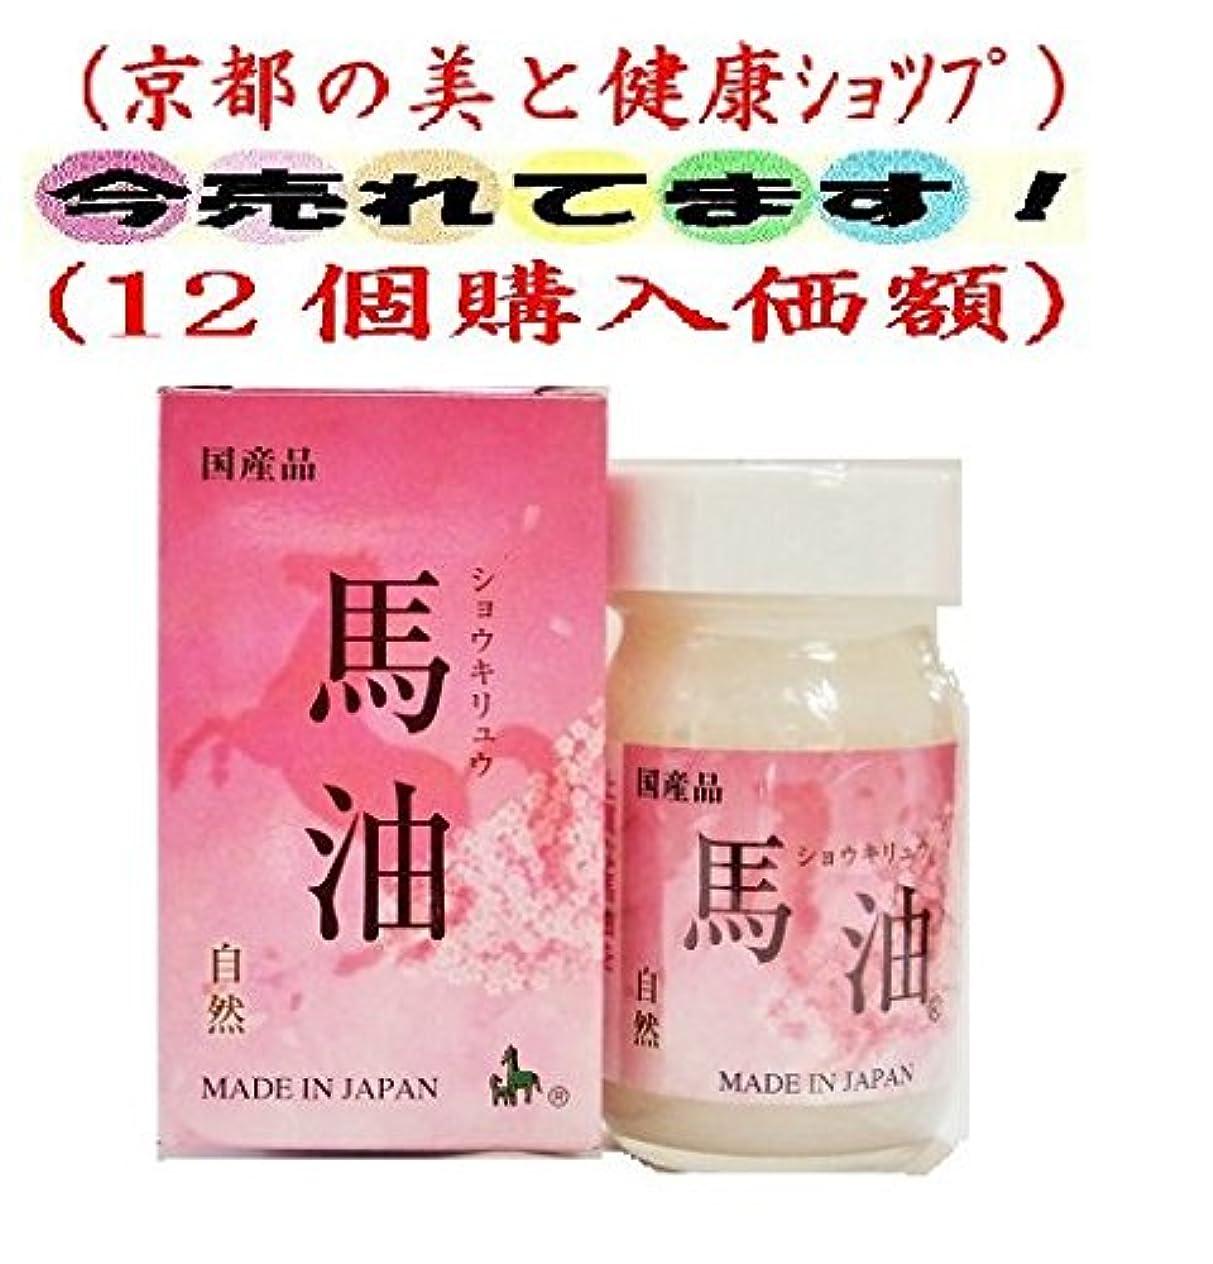 自動化大統領アジアショウキリュウ 馬油 自然 70ml (桜 ピンク化粧箱 12個購入価額)